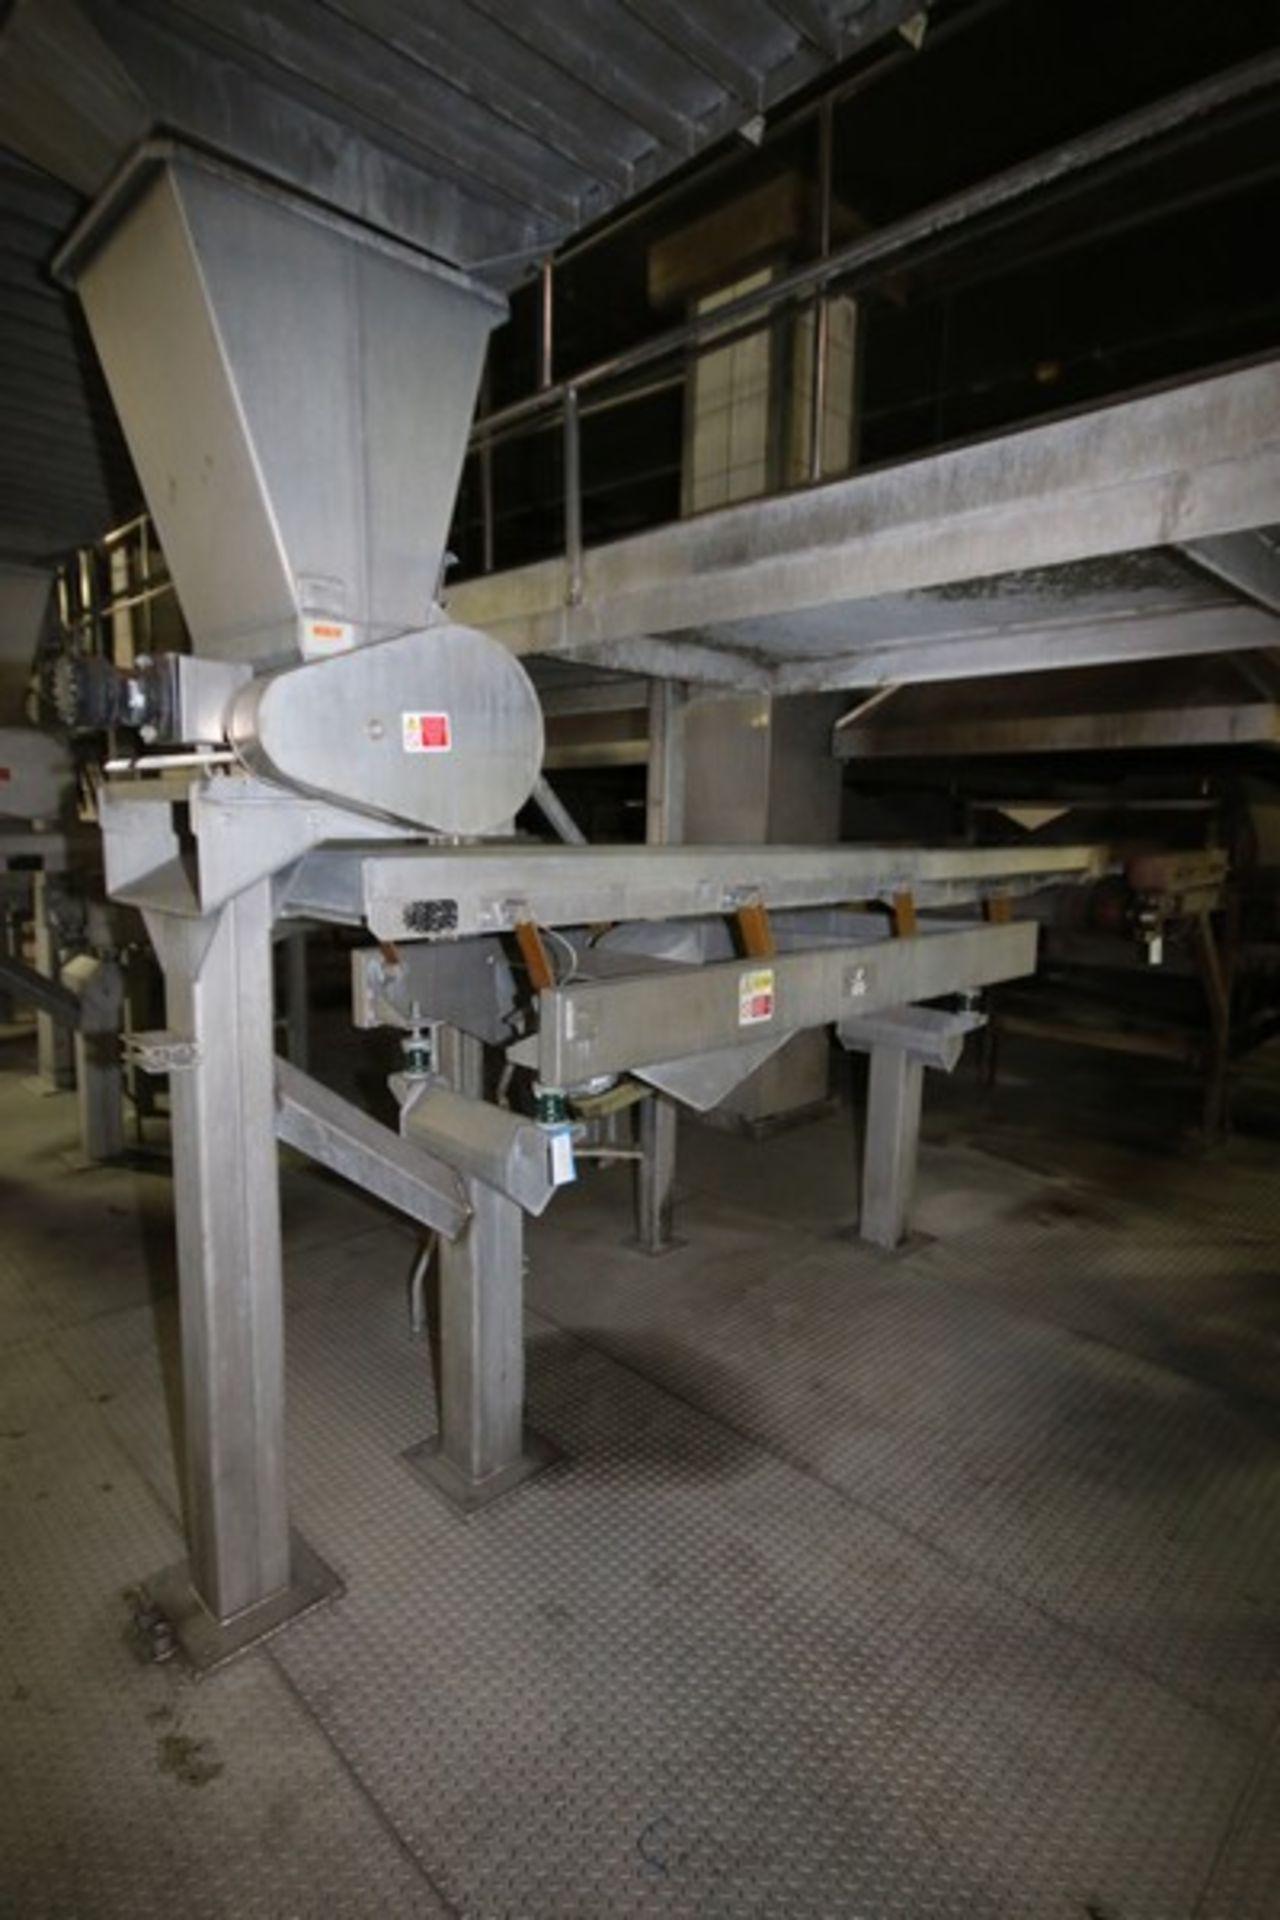 Lot 20 - Key S/S Spreader Shaker Feed System, Includes Key S/S Spreader Shaker Deck, M/N 432252-1, S/N 03-